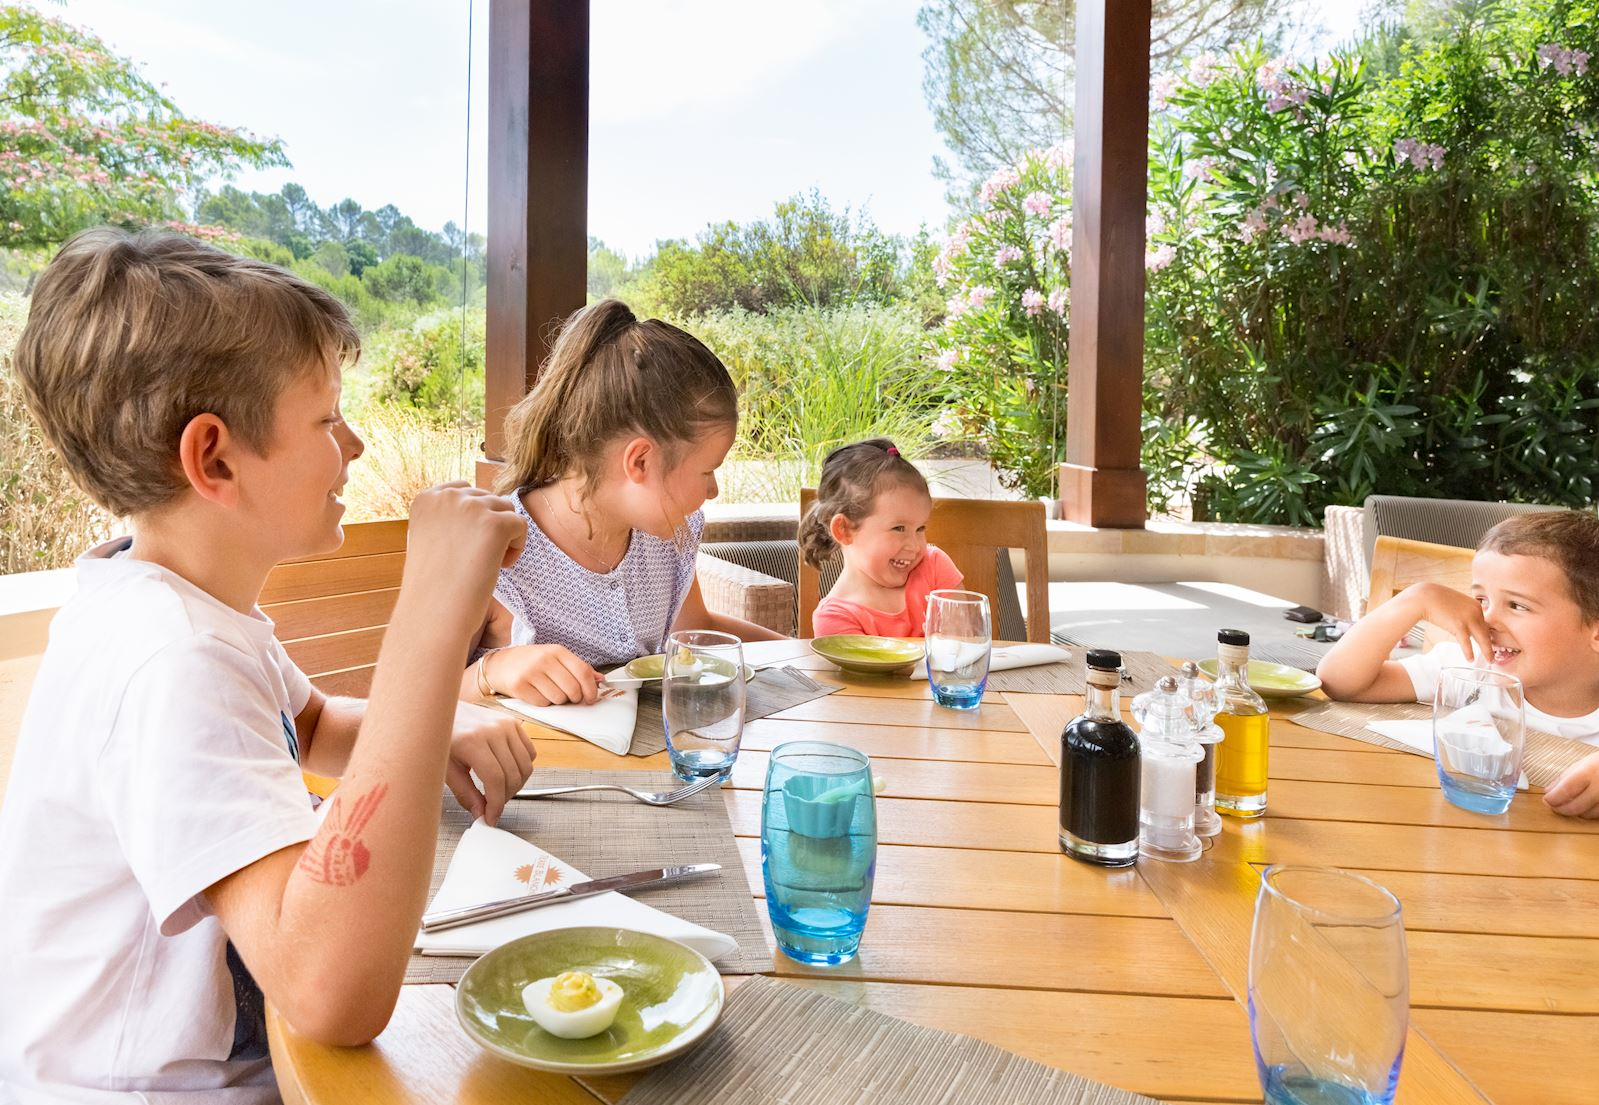 Влітку обідня зона Le Pitchoun запрошує дітей на простий, але смачний обід. Меню розроблено шеф-кухарем у співпраці з дієтологом, є гарантією якісної кухні.